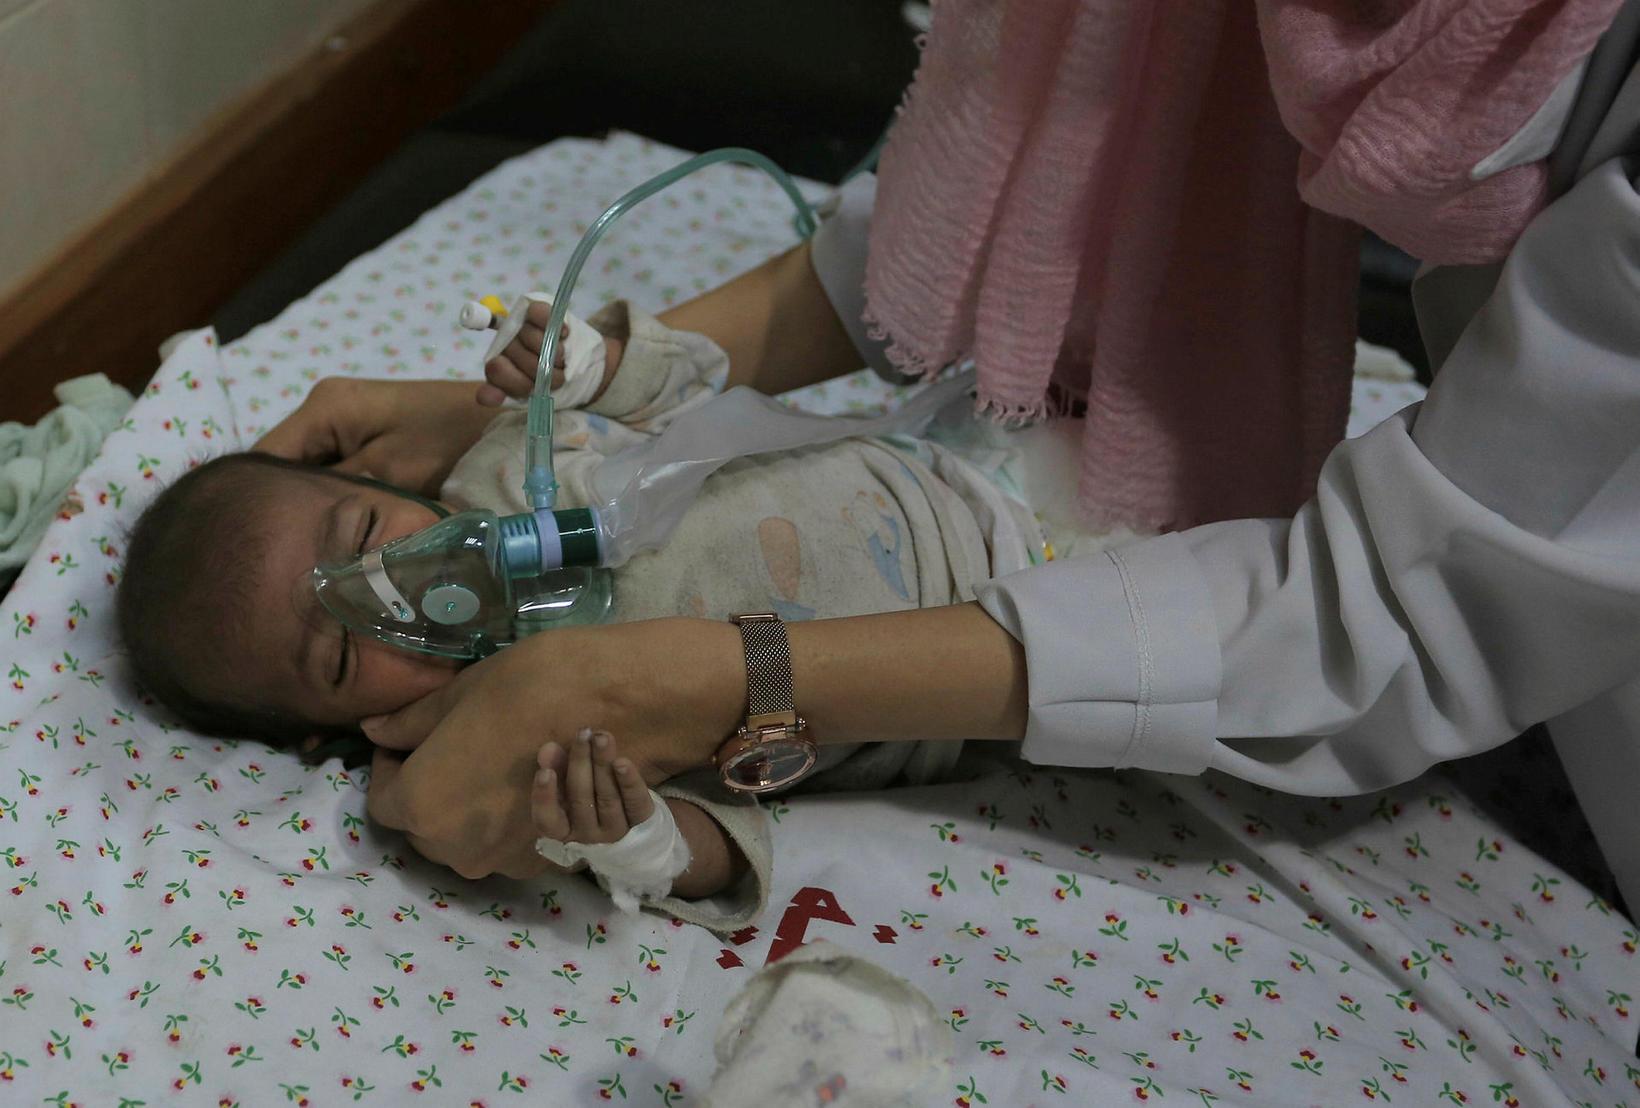 Barn sem særðist í loftárásum Ísraela á Gaza.